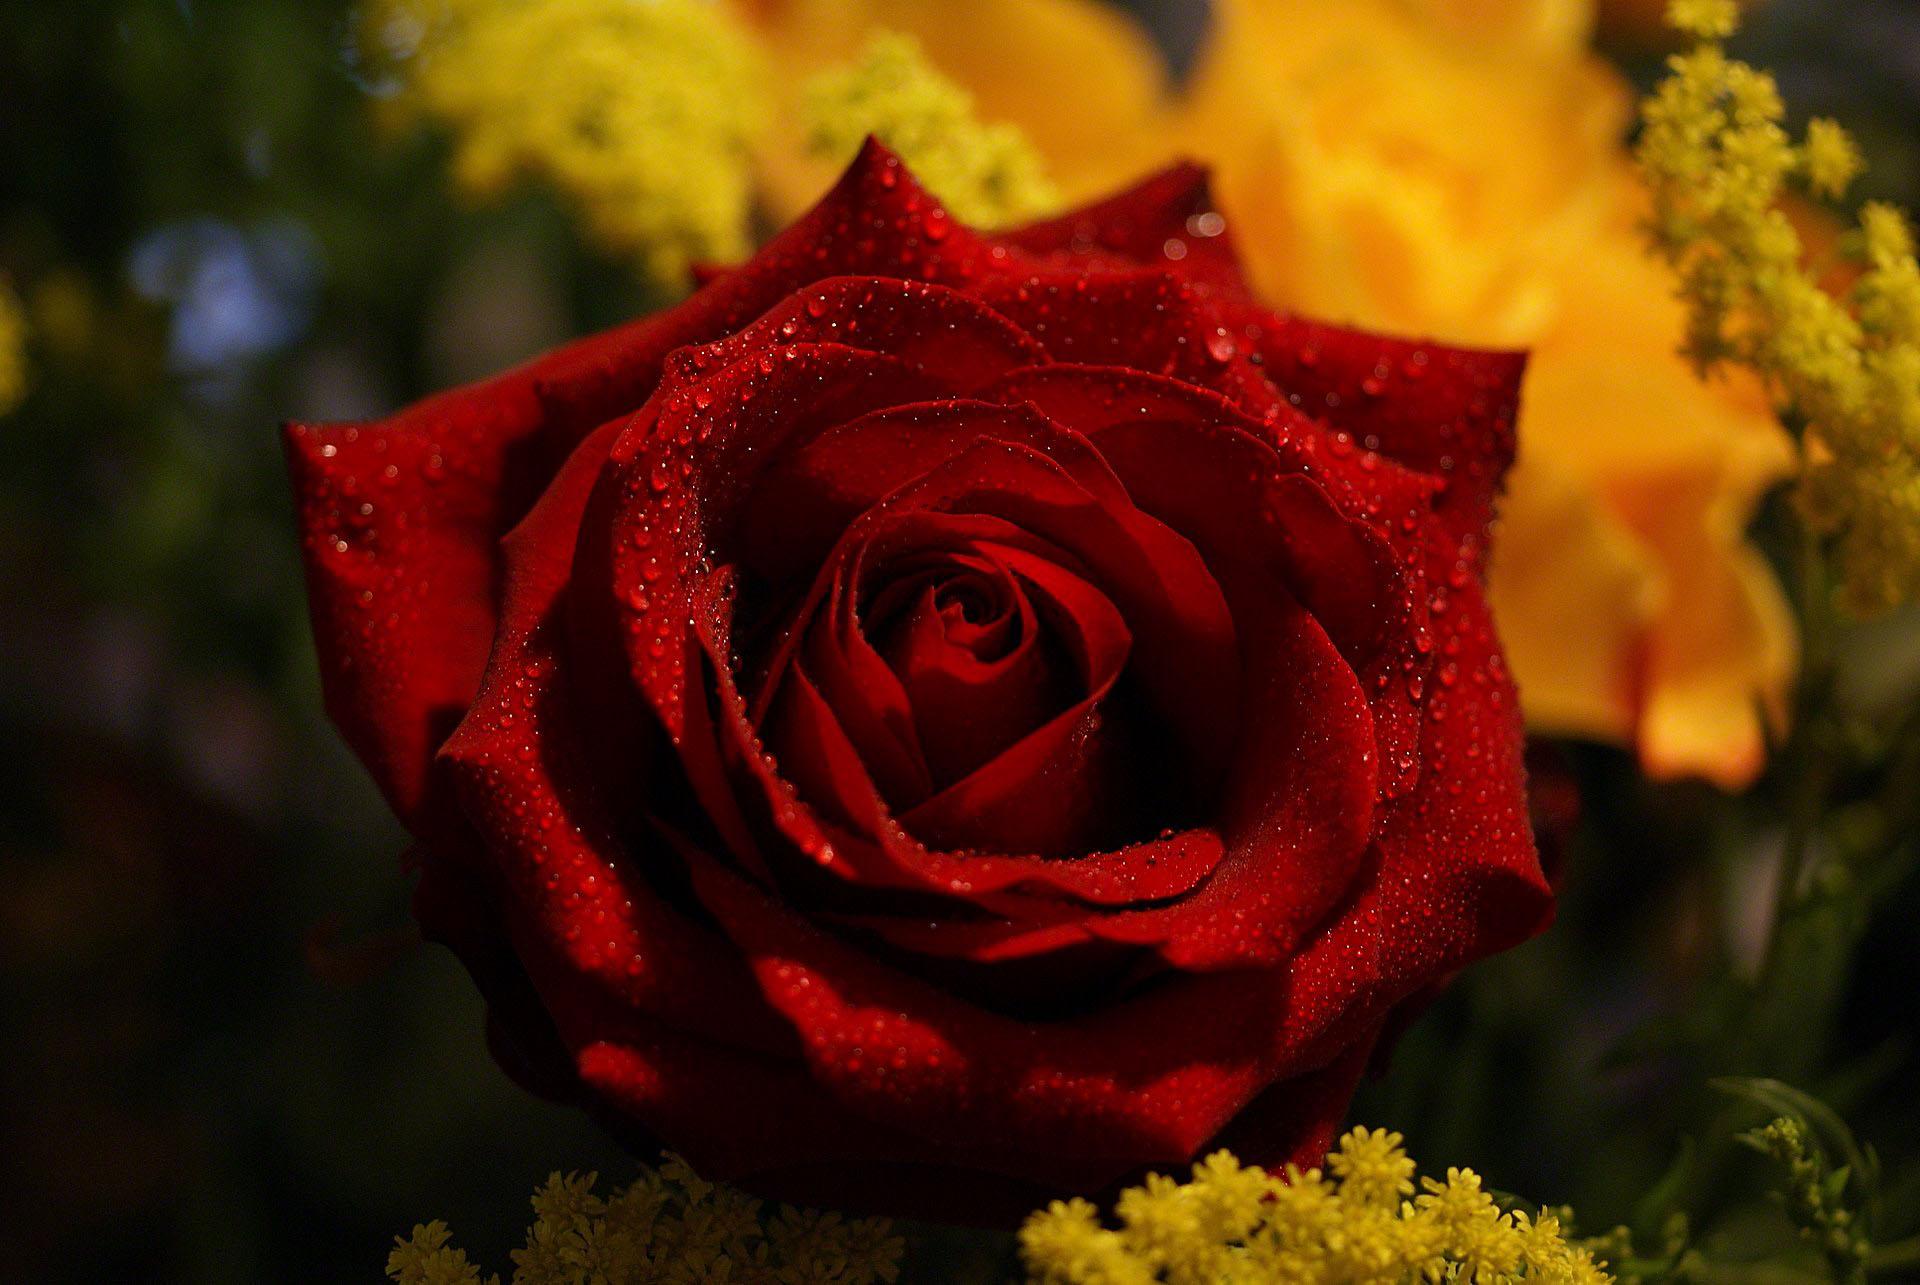 صور ورد جوري جديدة 2019 اجمل الورود بكل الالوان احمر اصفر بنفسجي